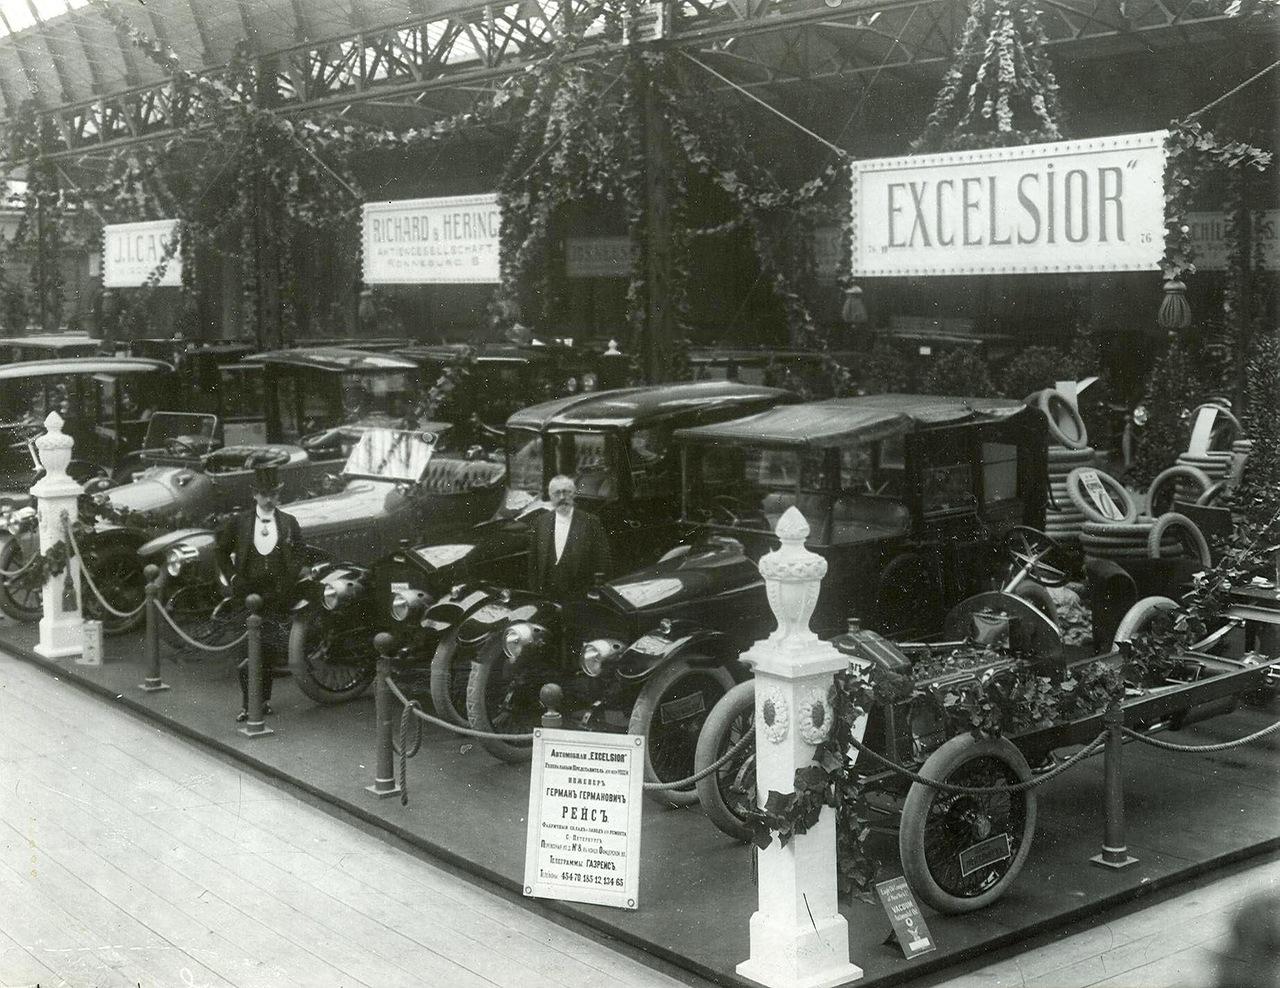 0_a9422_bffef590_XXXLАвтомобили фирмы Эксцельсиор - экспонаты выставки.